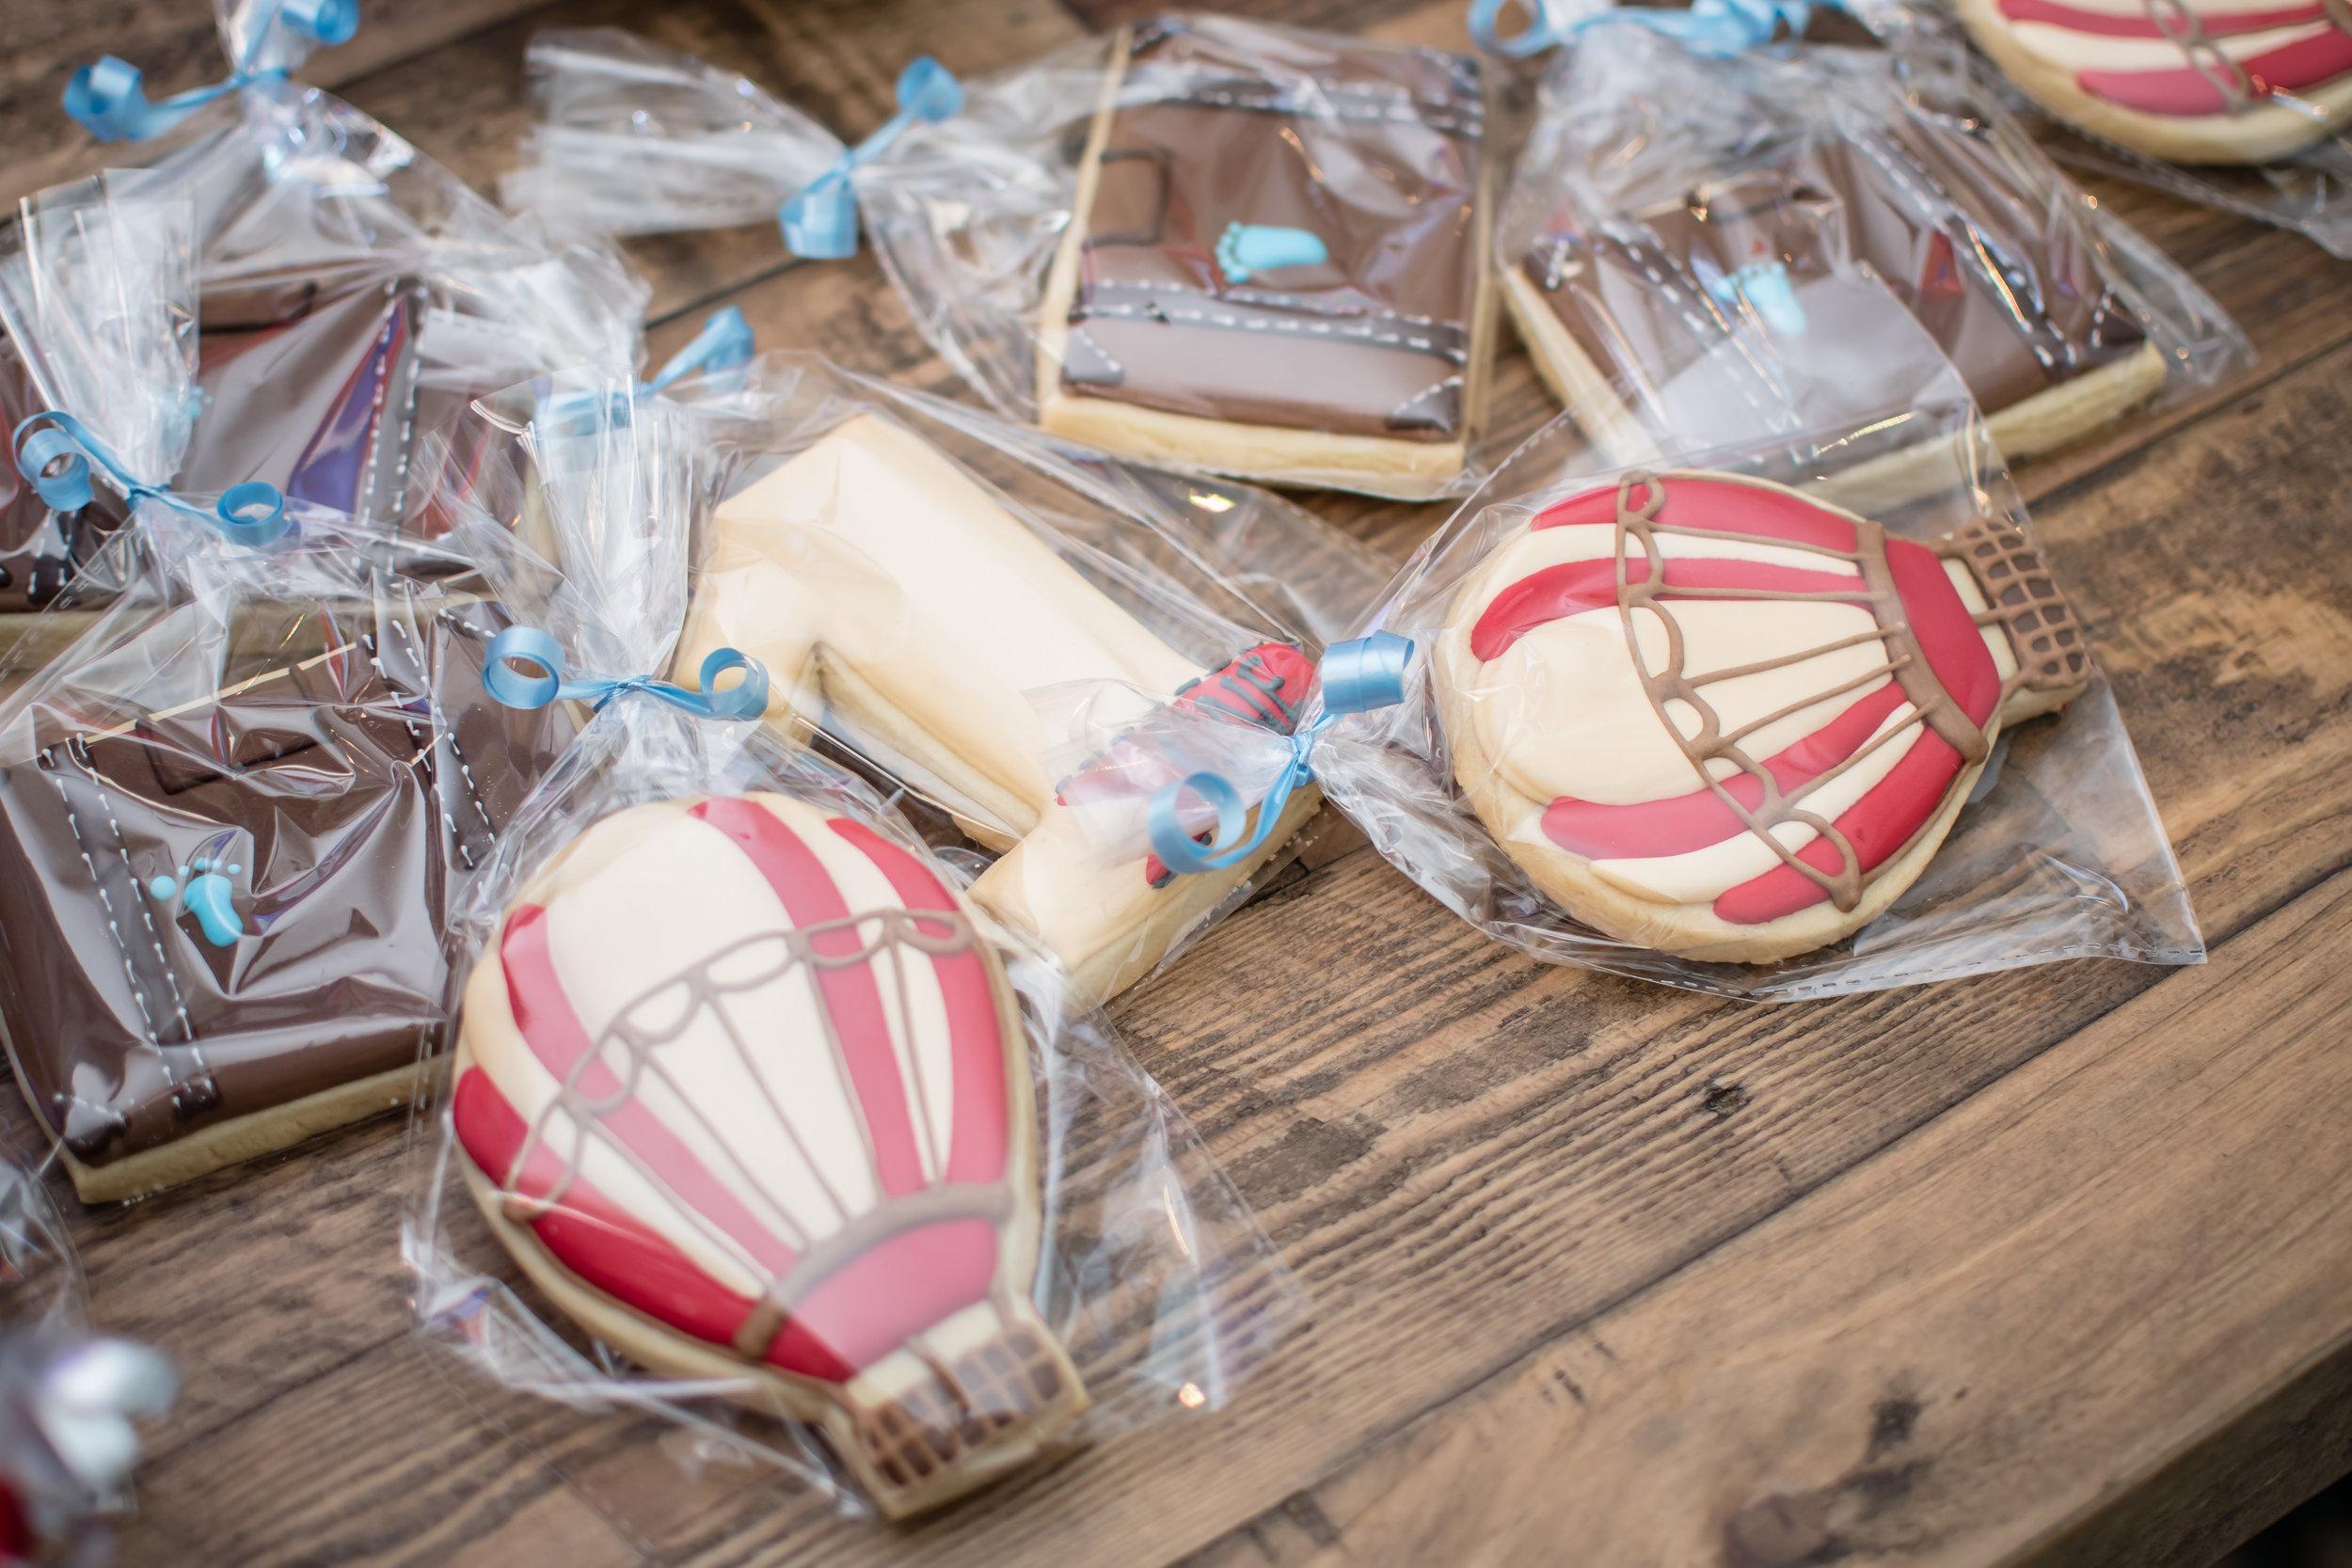 hot-air-balloon-cookies-travel-inspired-baby-theme-birthday-orlando-photographer-yanitza-ninett-18.jpg